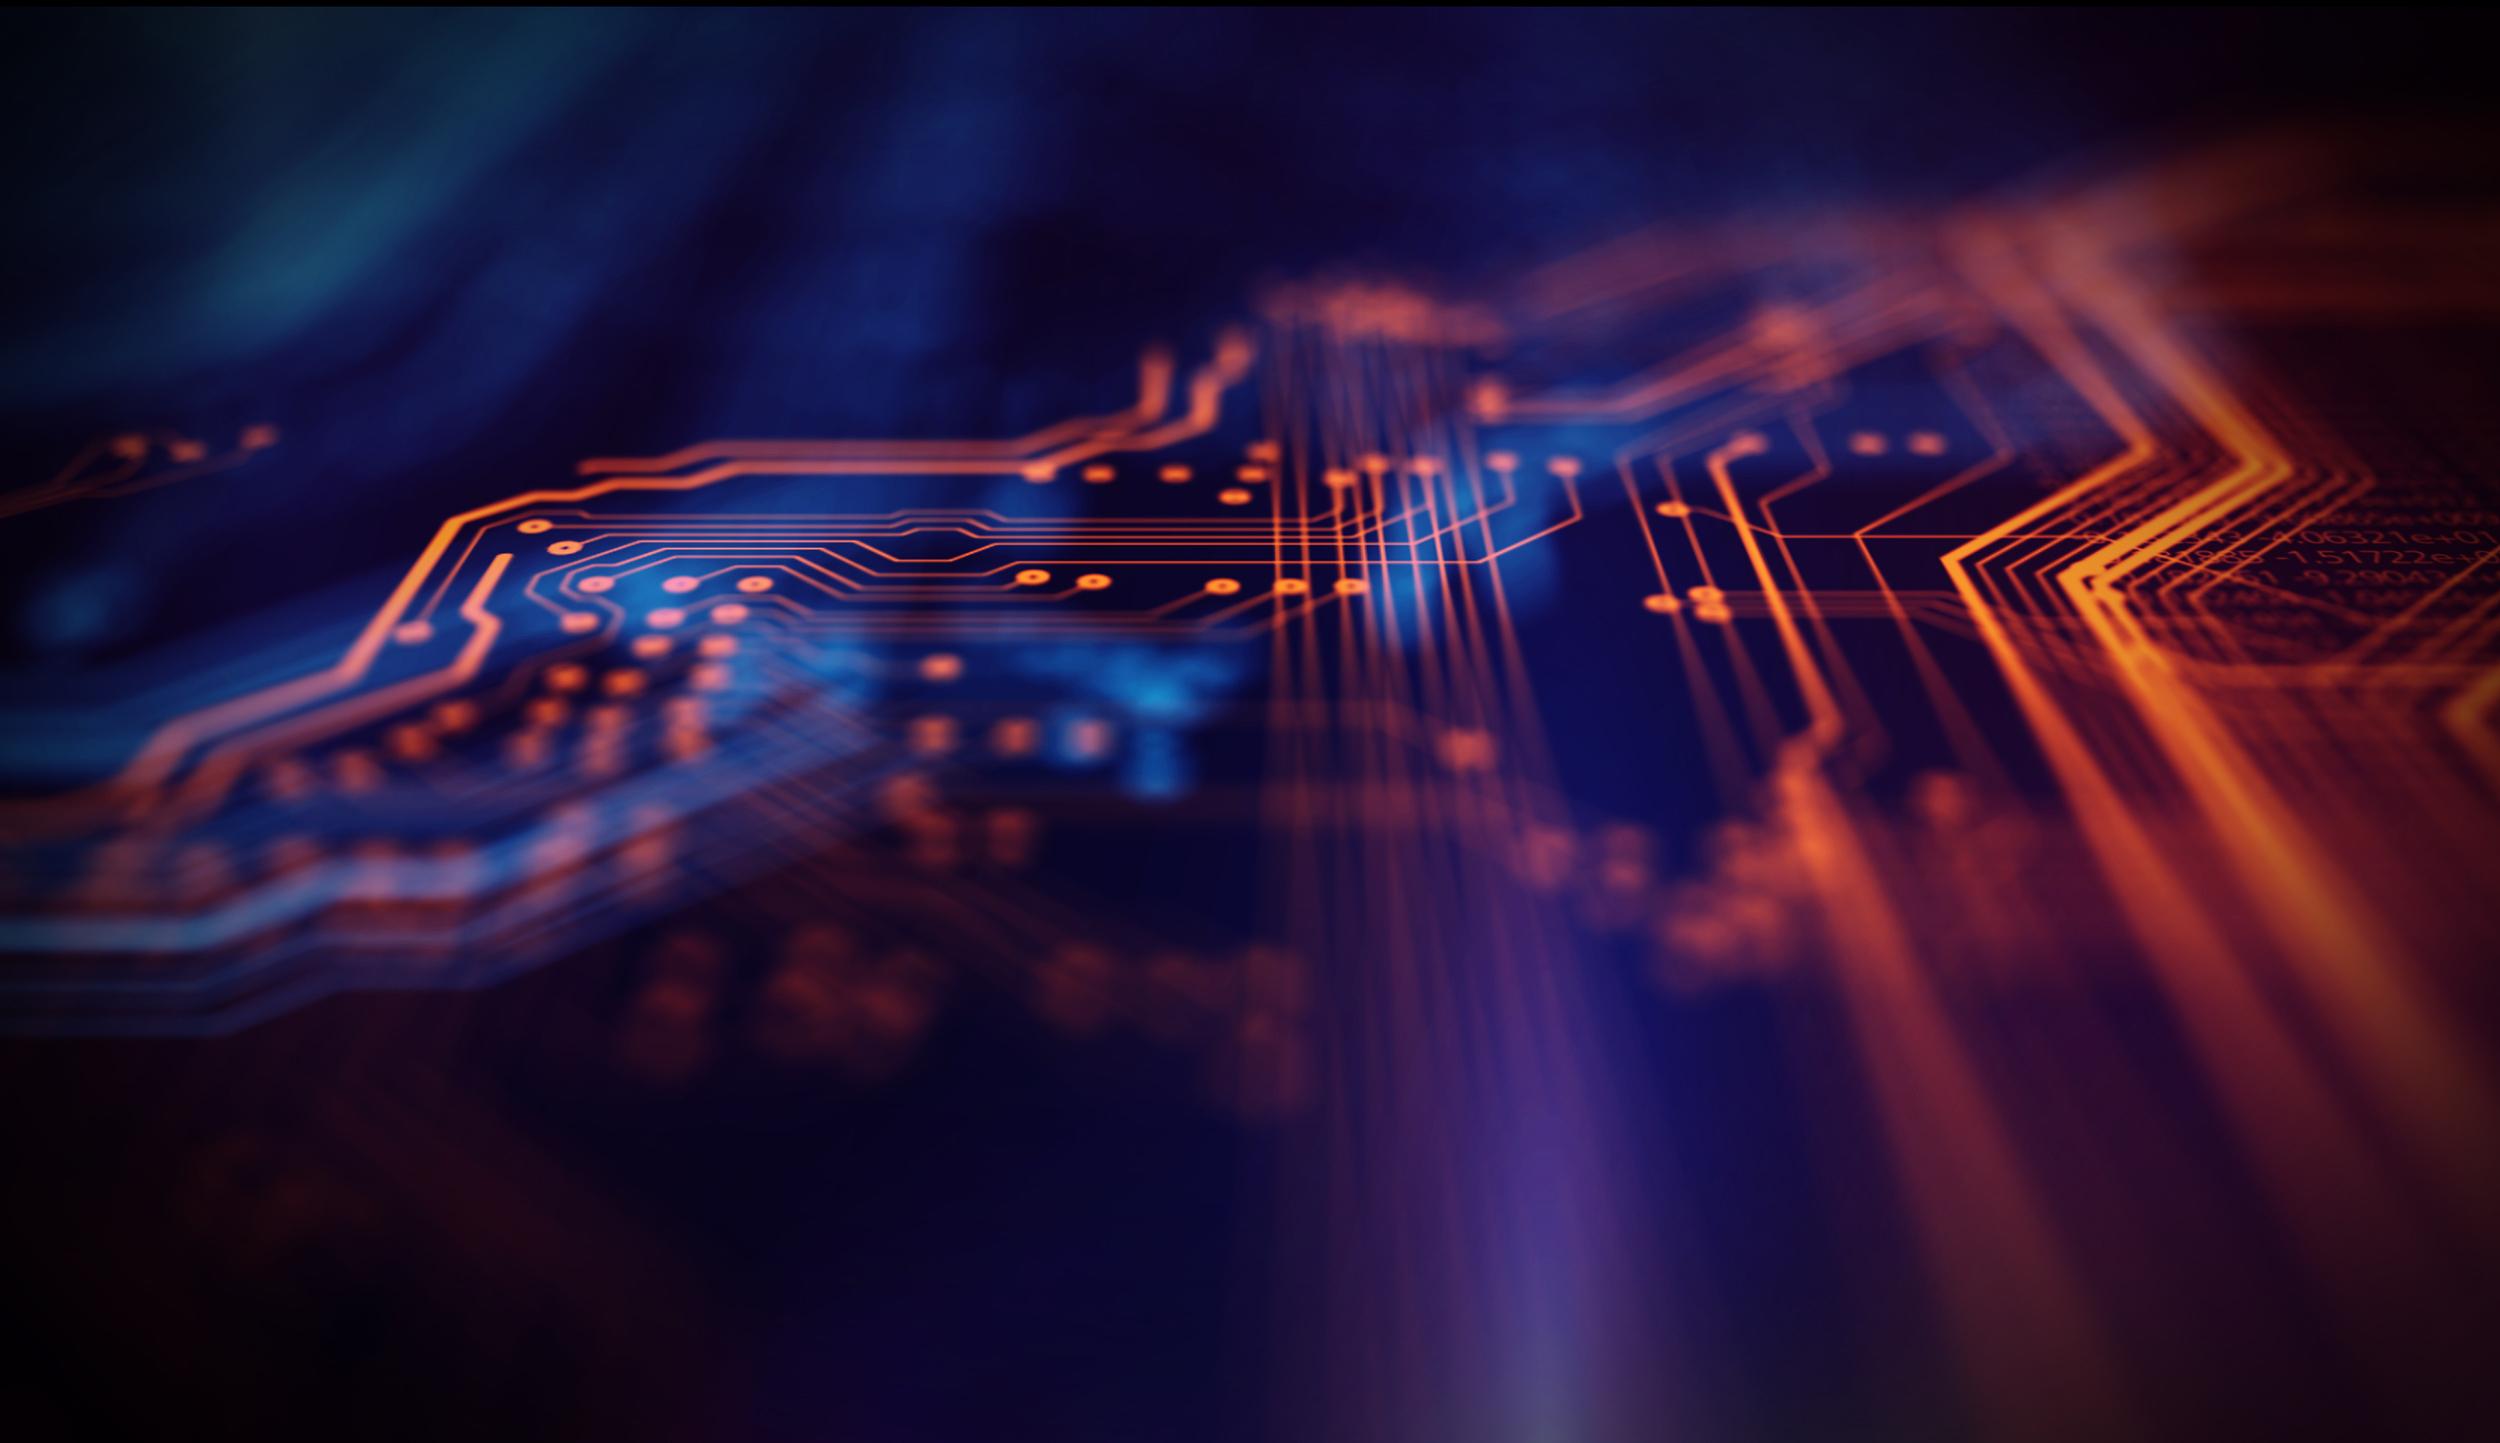 物联网 从全志科技的大涨,看AIoT芯片崛起